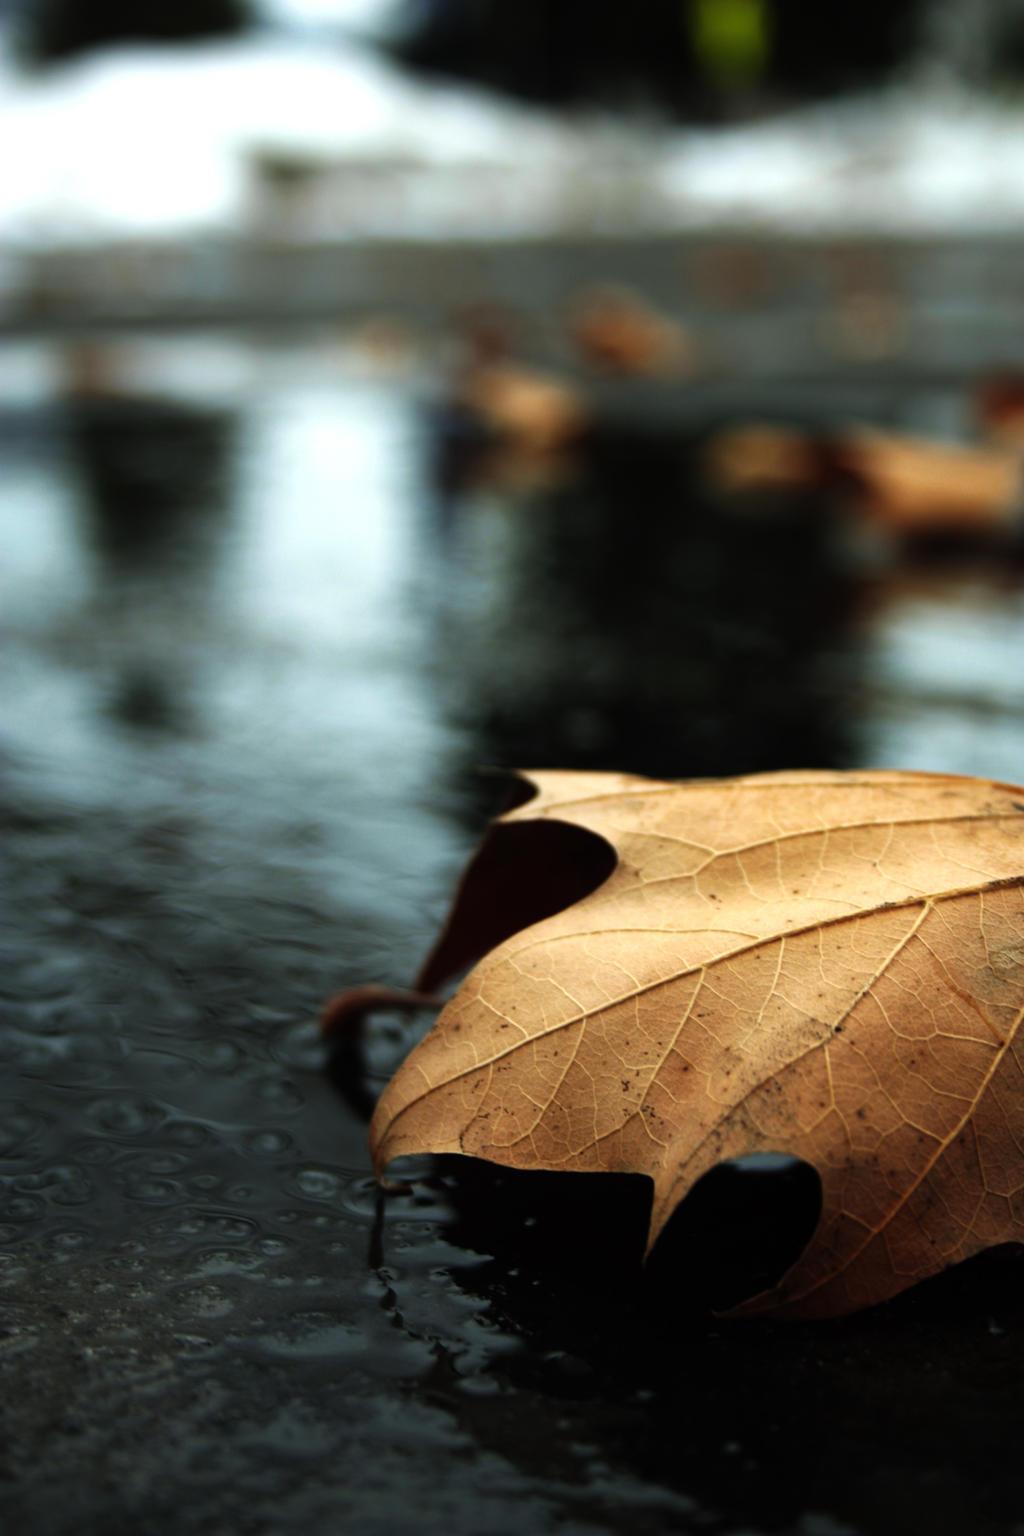 Autumn Leaf by Beckibracelet